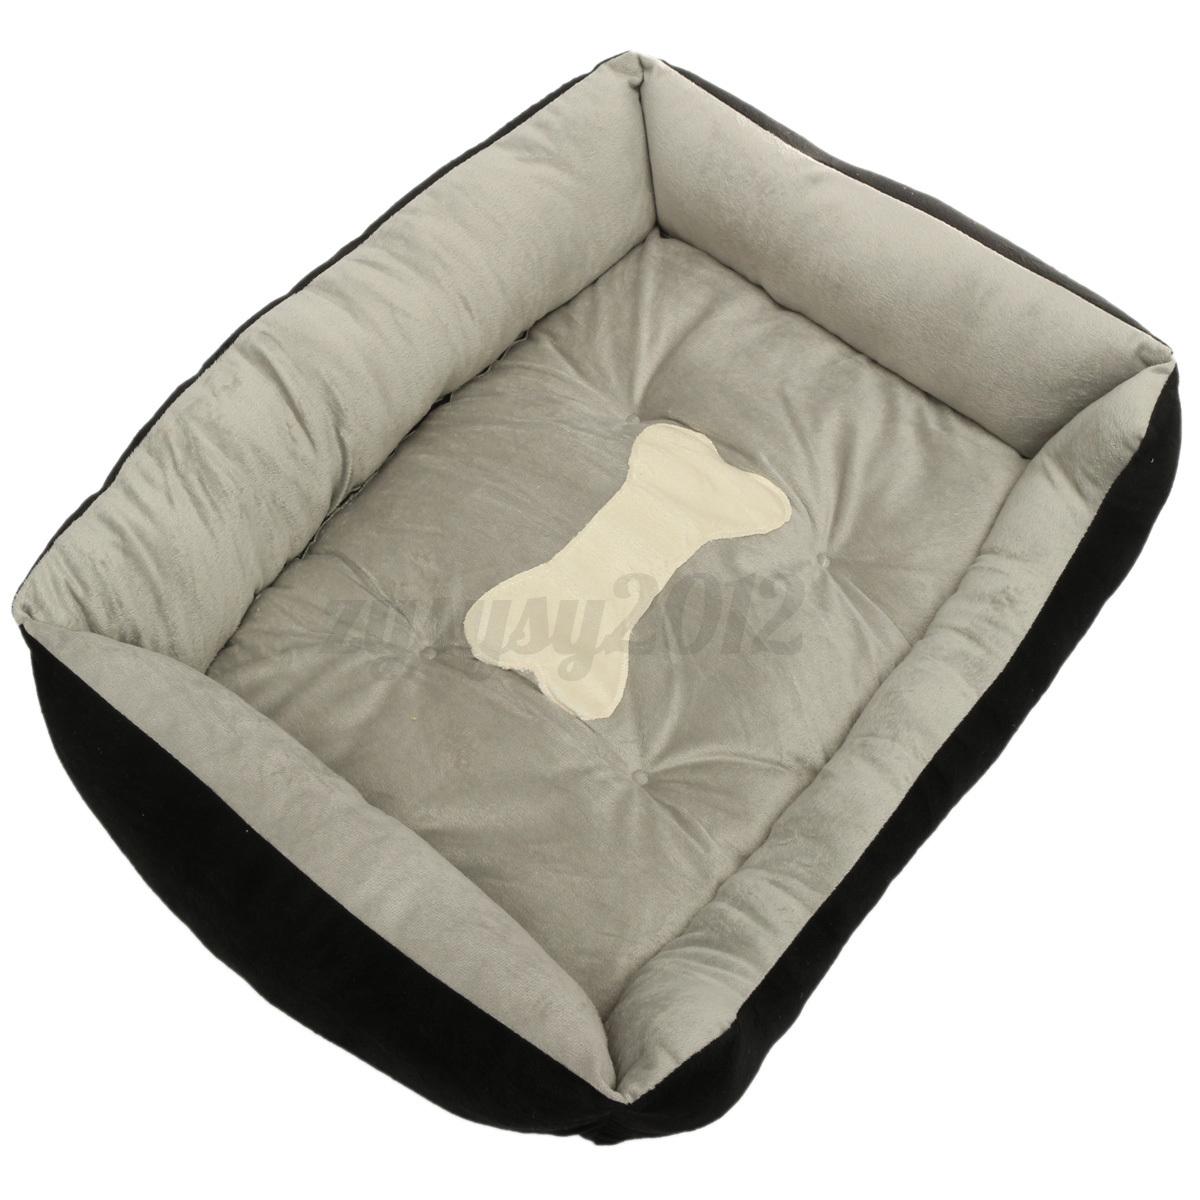 matelas pour chien coussin panier couchage niche tapis corbeille lit lavable ebay. Black Bedroom Furniture Sets. Home Design Ideas